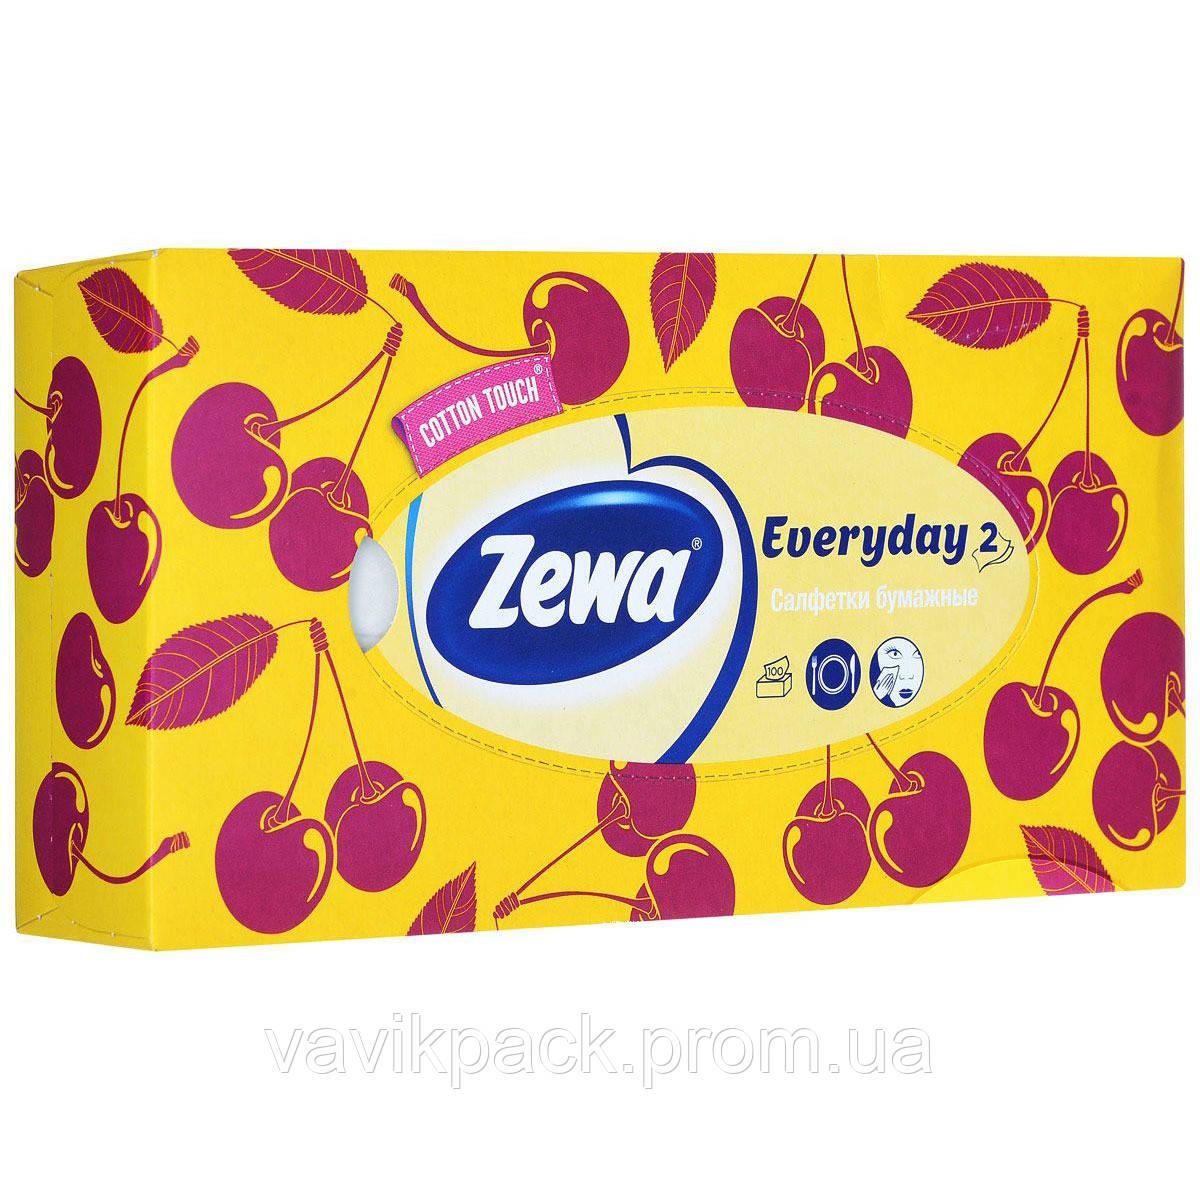 Платки носовые в коробке Zewa Everyday box двухслойные